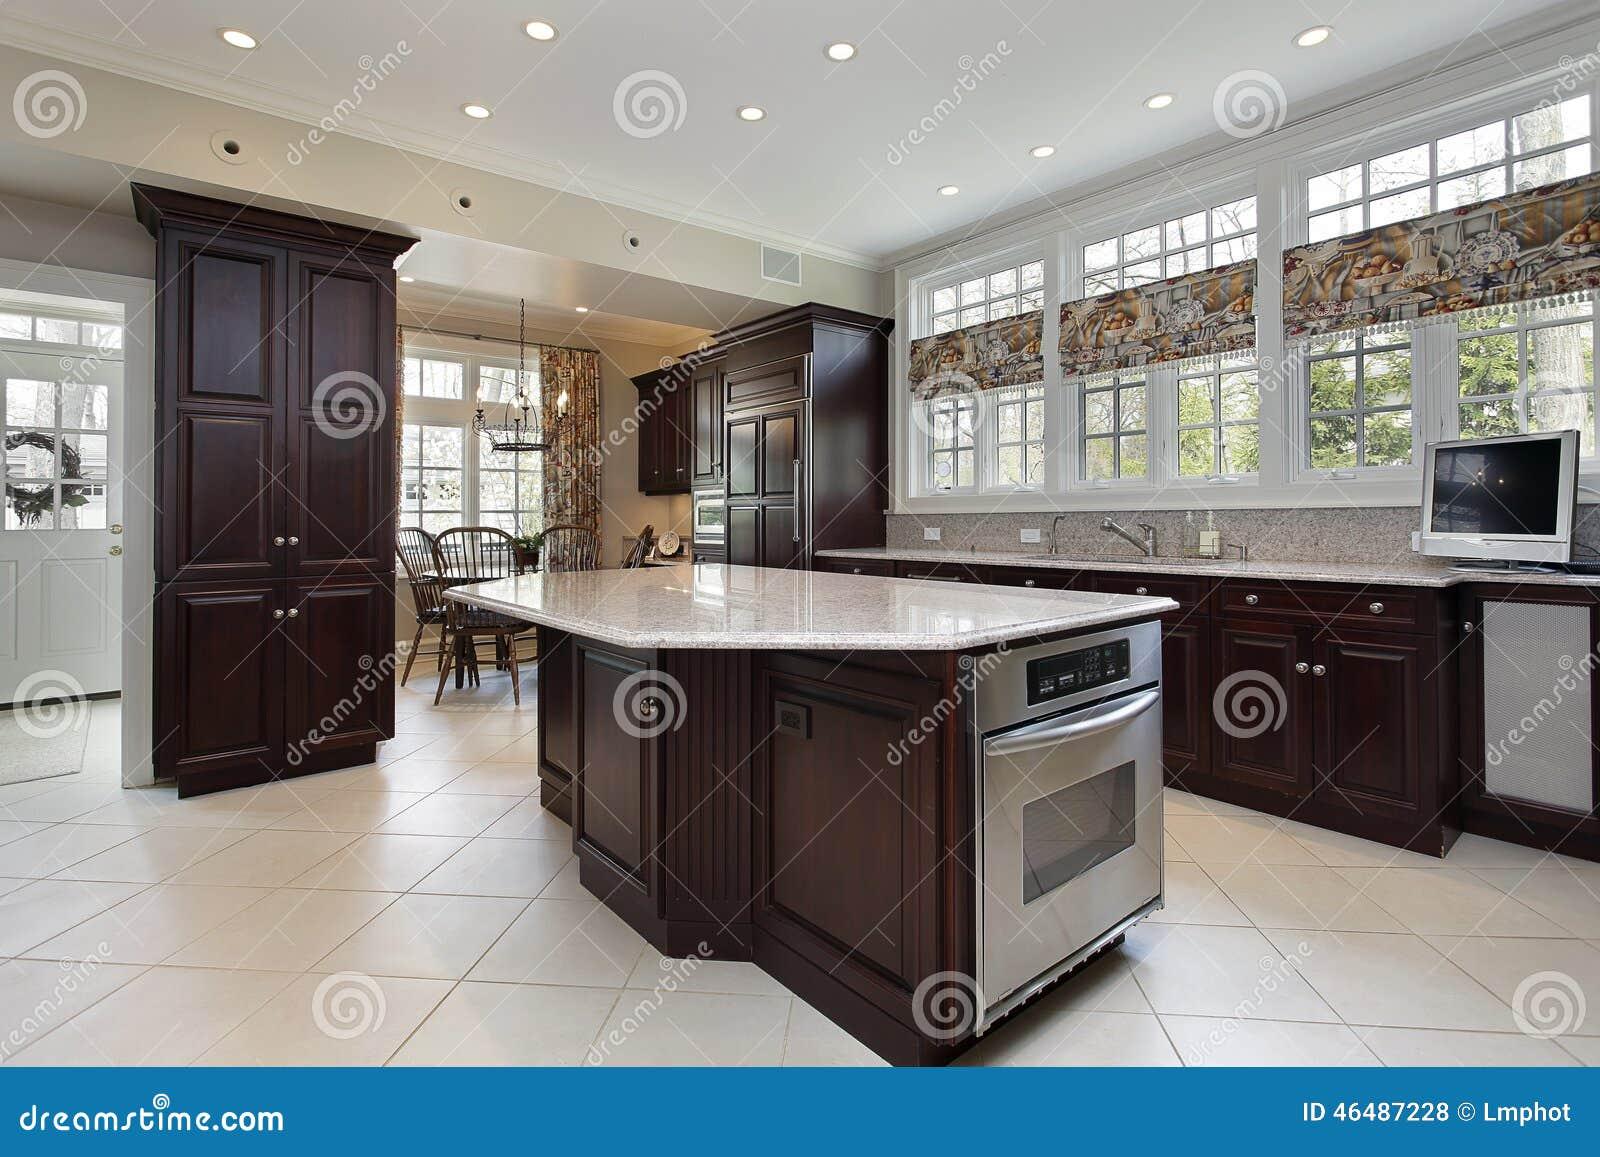 Küche Im Luxushaus Mit Mittelinsel Stockfoto - Bild von mahlzeit ...